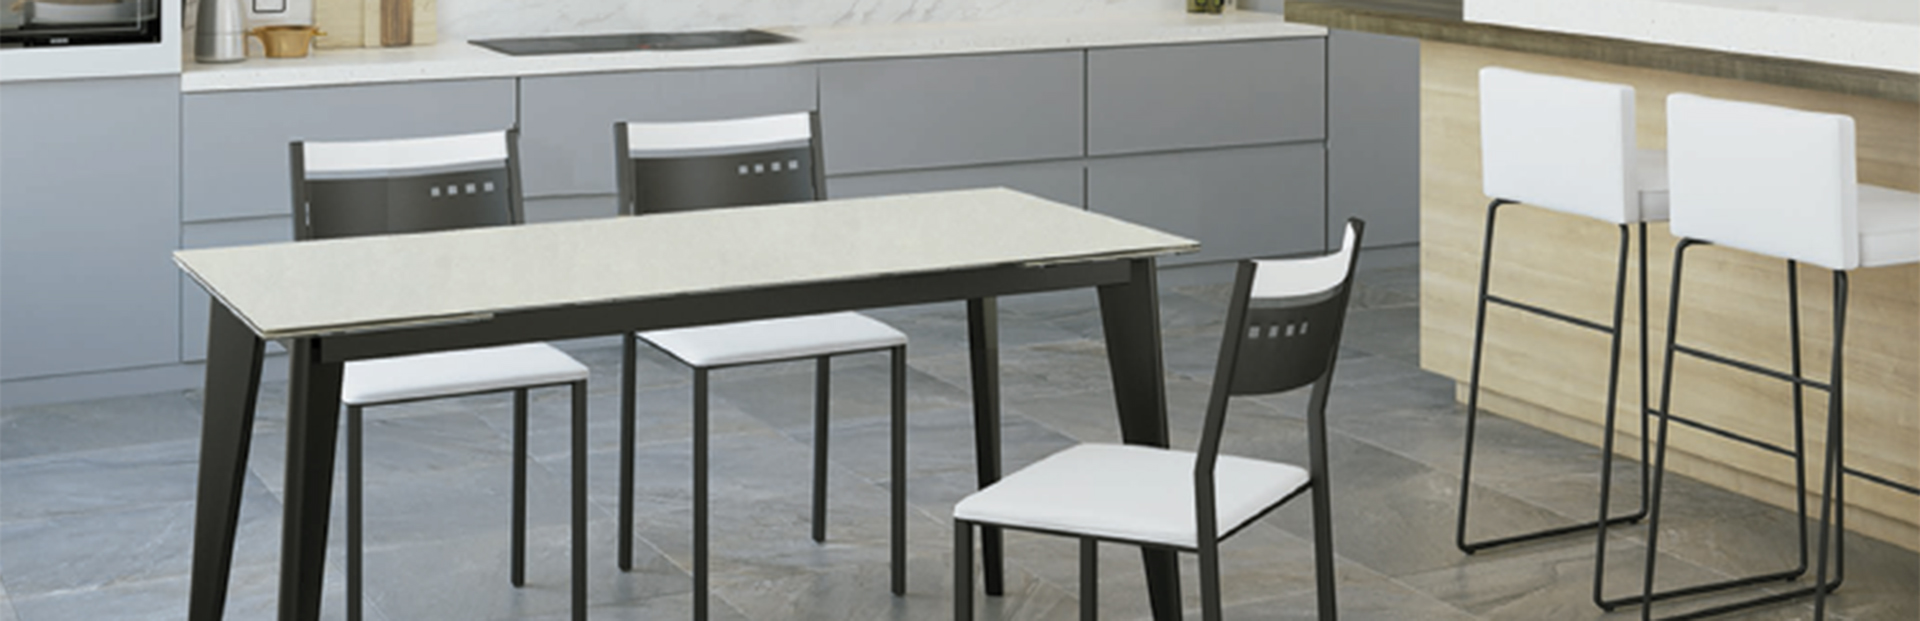 Mobiliario Raiz y Caoba   Mobiliario comedor, mesas y sillas